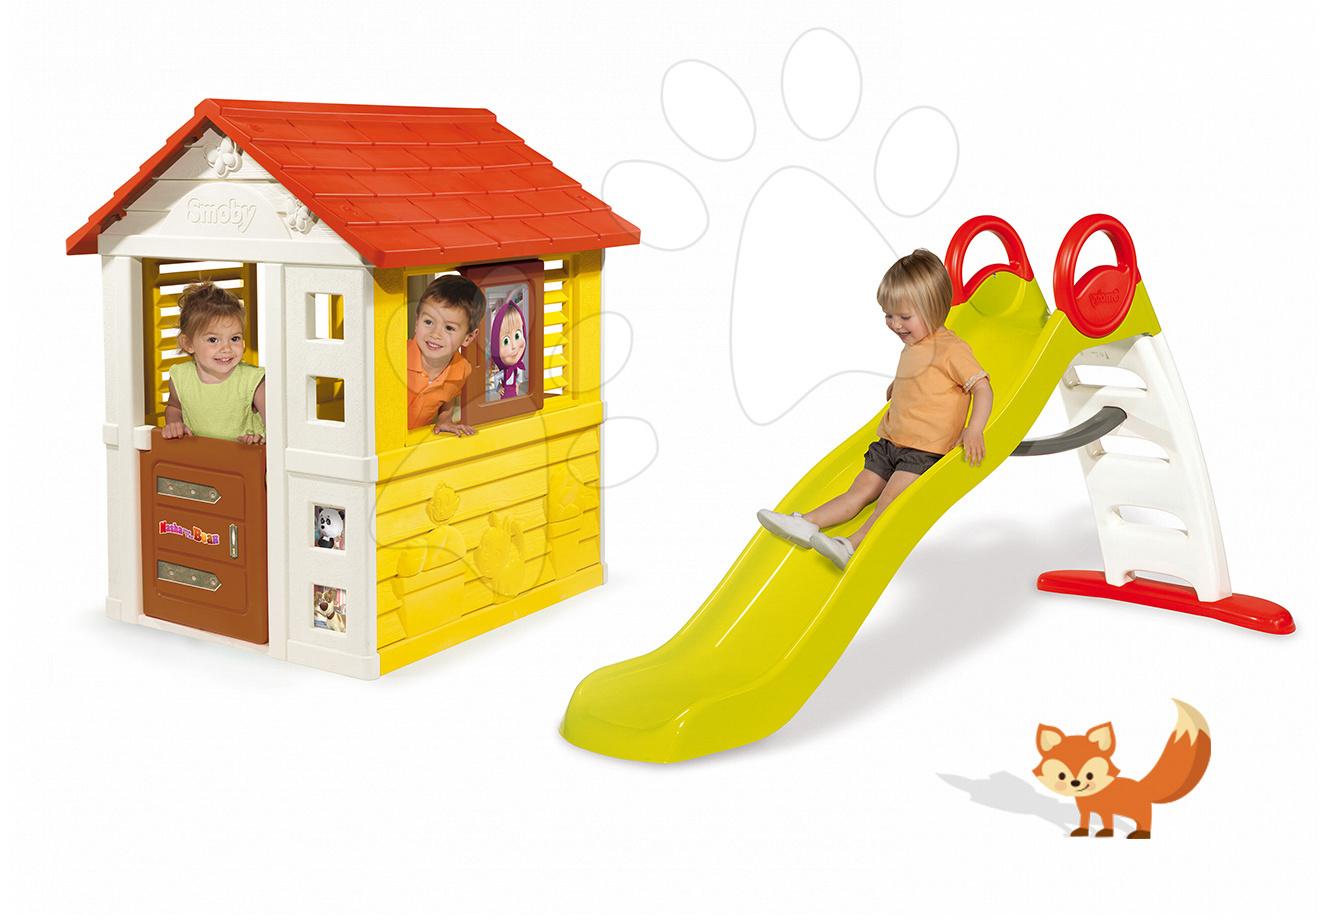 Set domček Máša a medveď Pretty Smoby so zasúvacou okenicou a šmykľavka Toboggan Funny vlnkovitá s dĺžkou1,9m s vodou od 24 mes